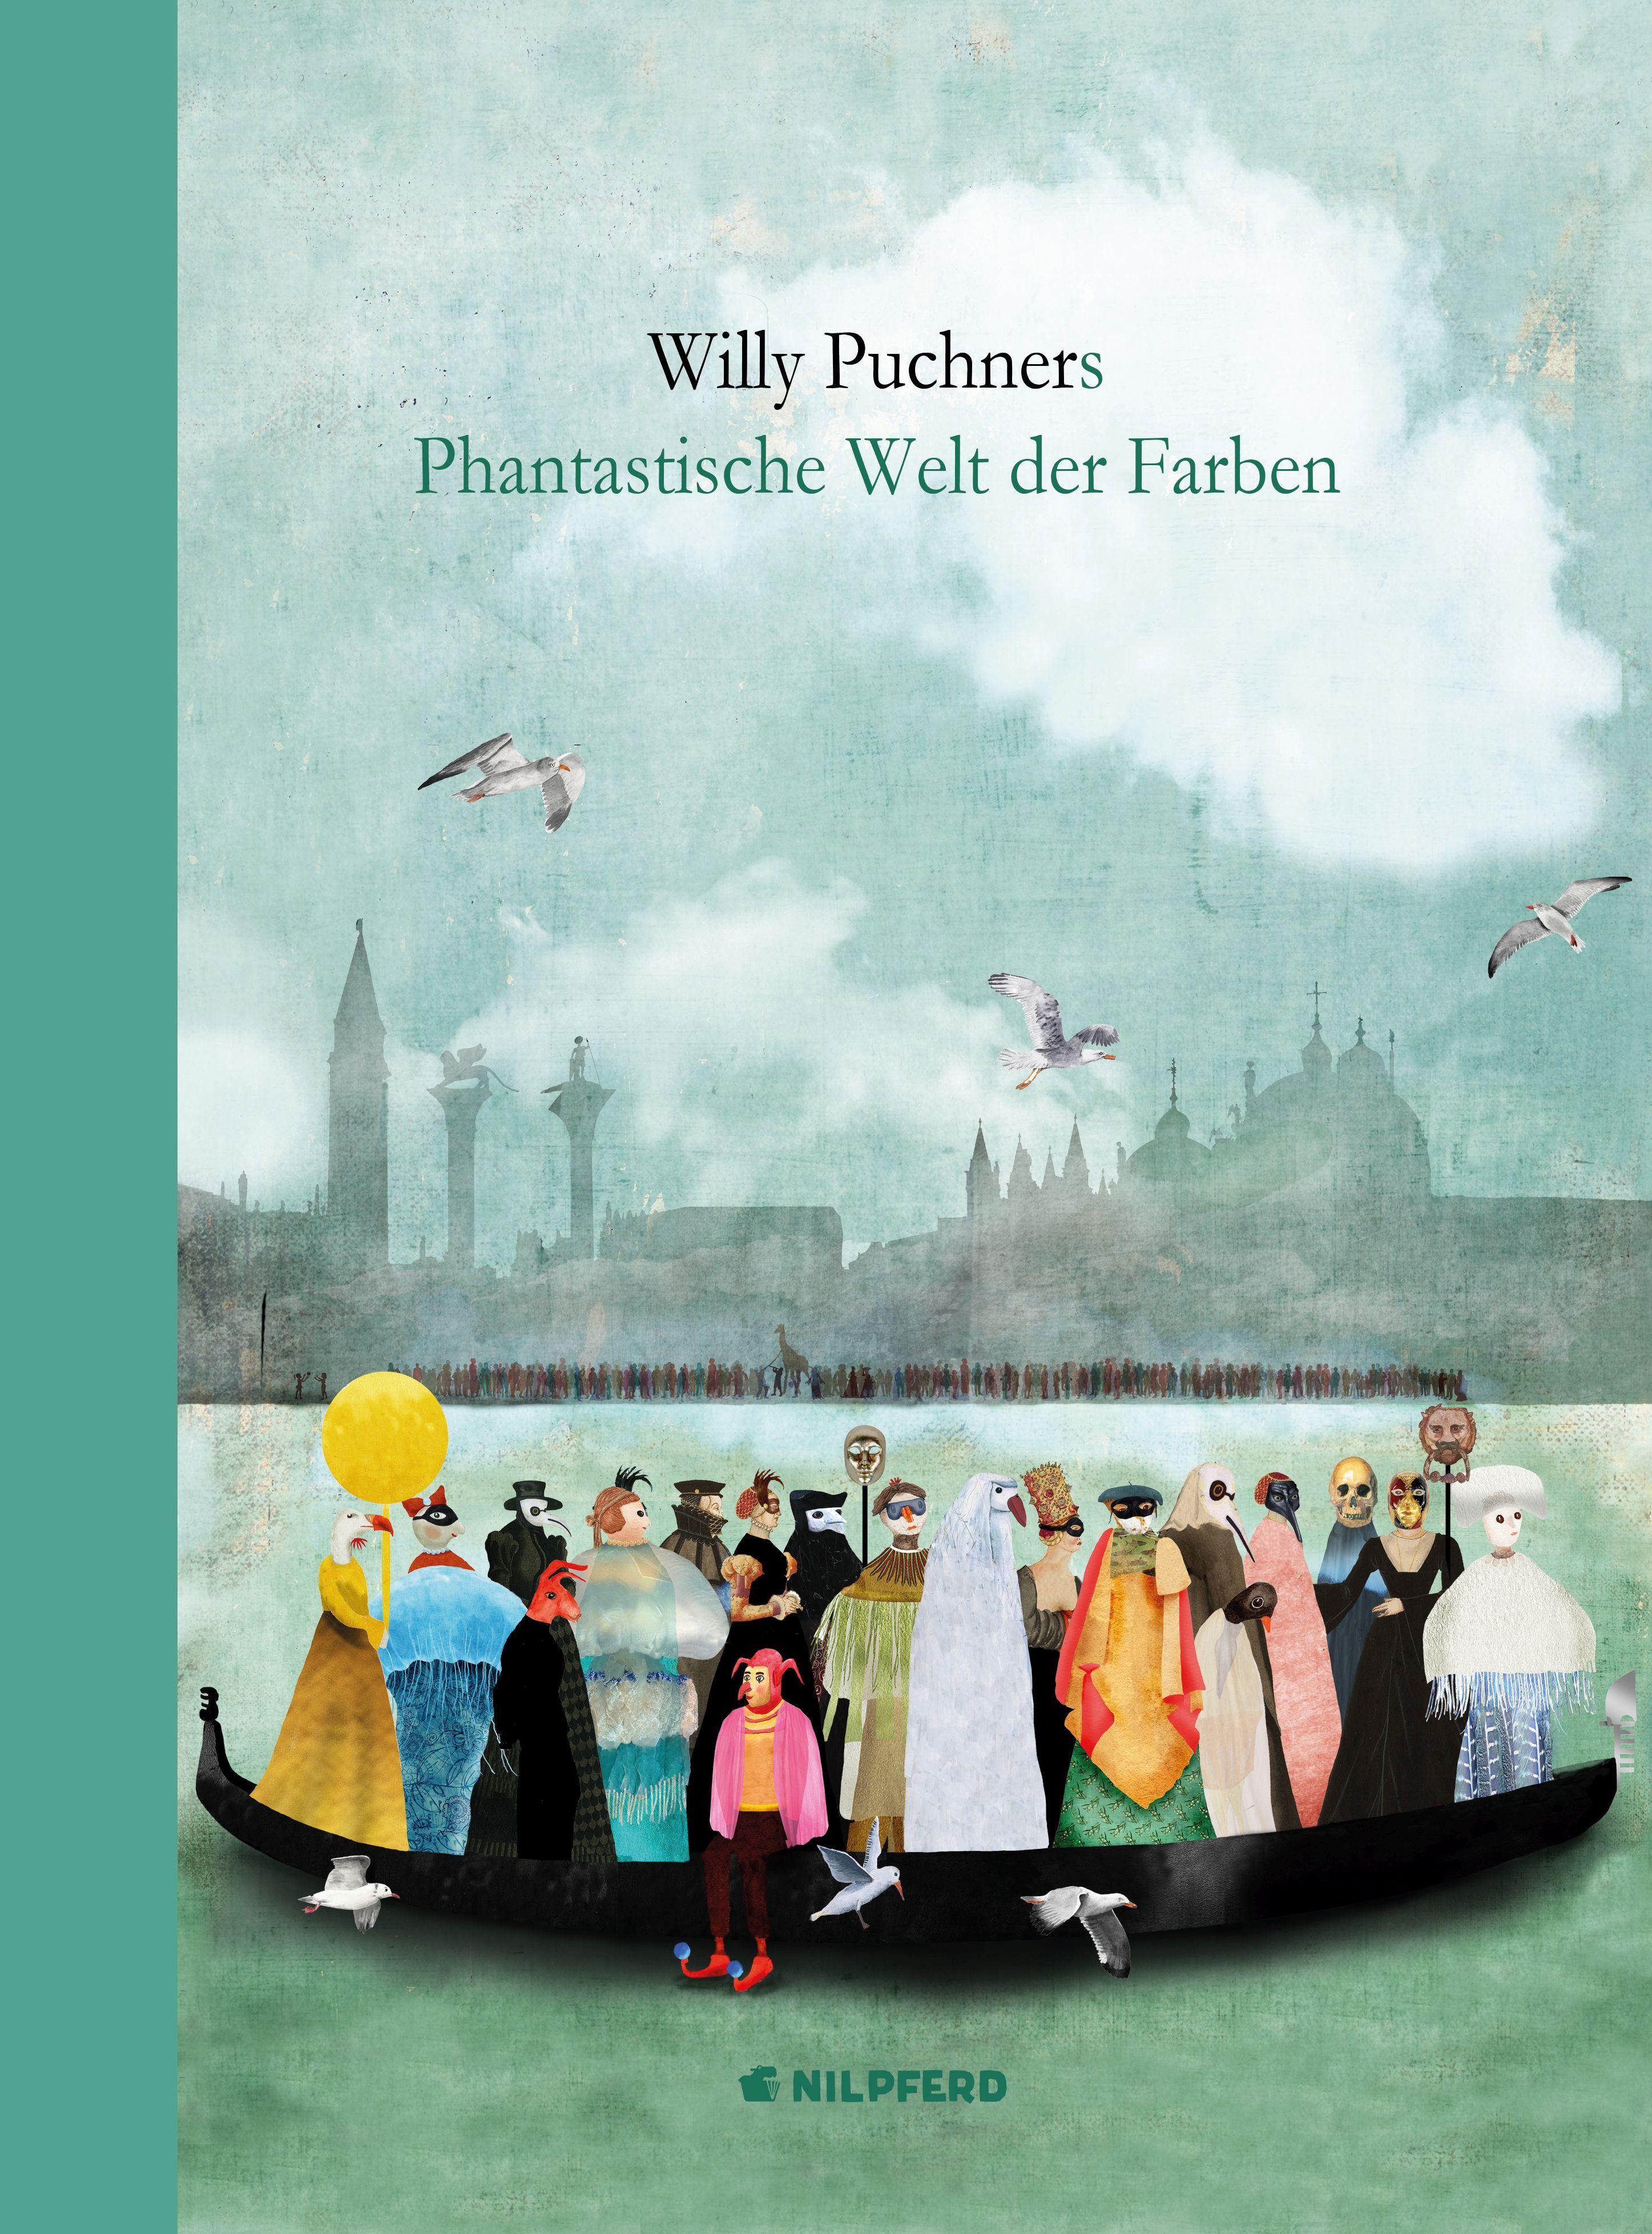 Willy Puchners Phantastische Welt der Farben